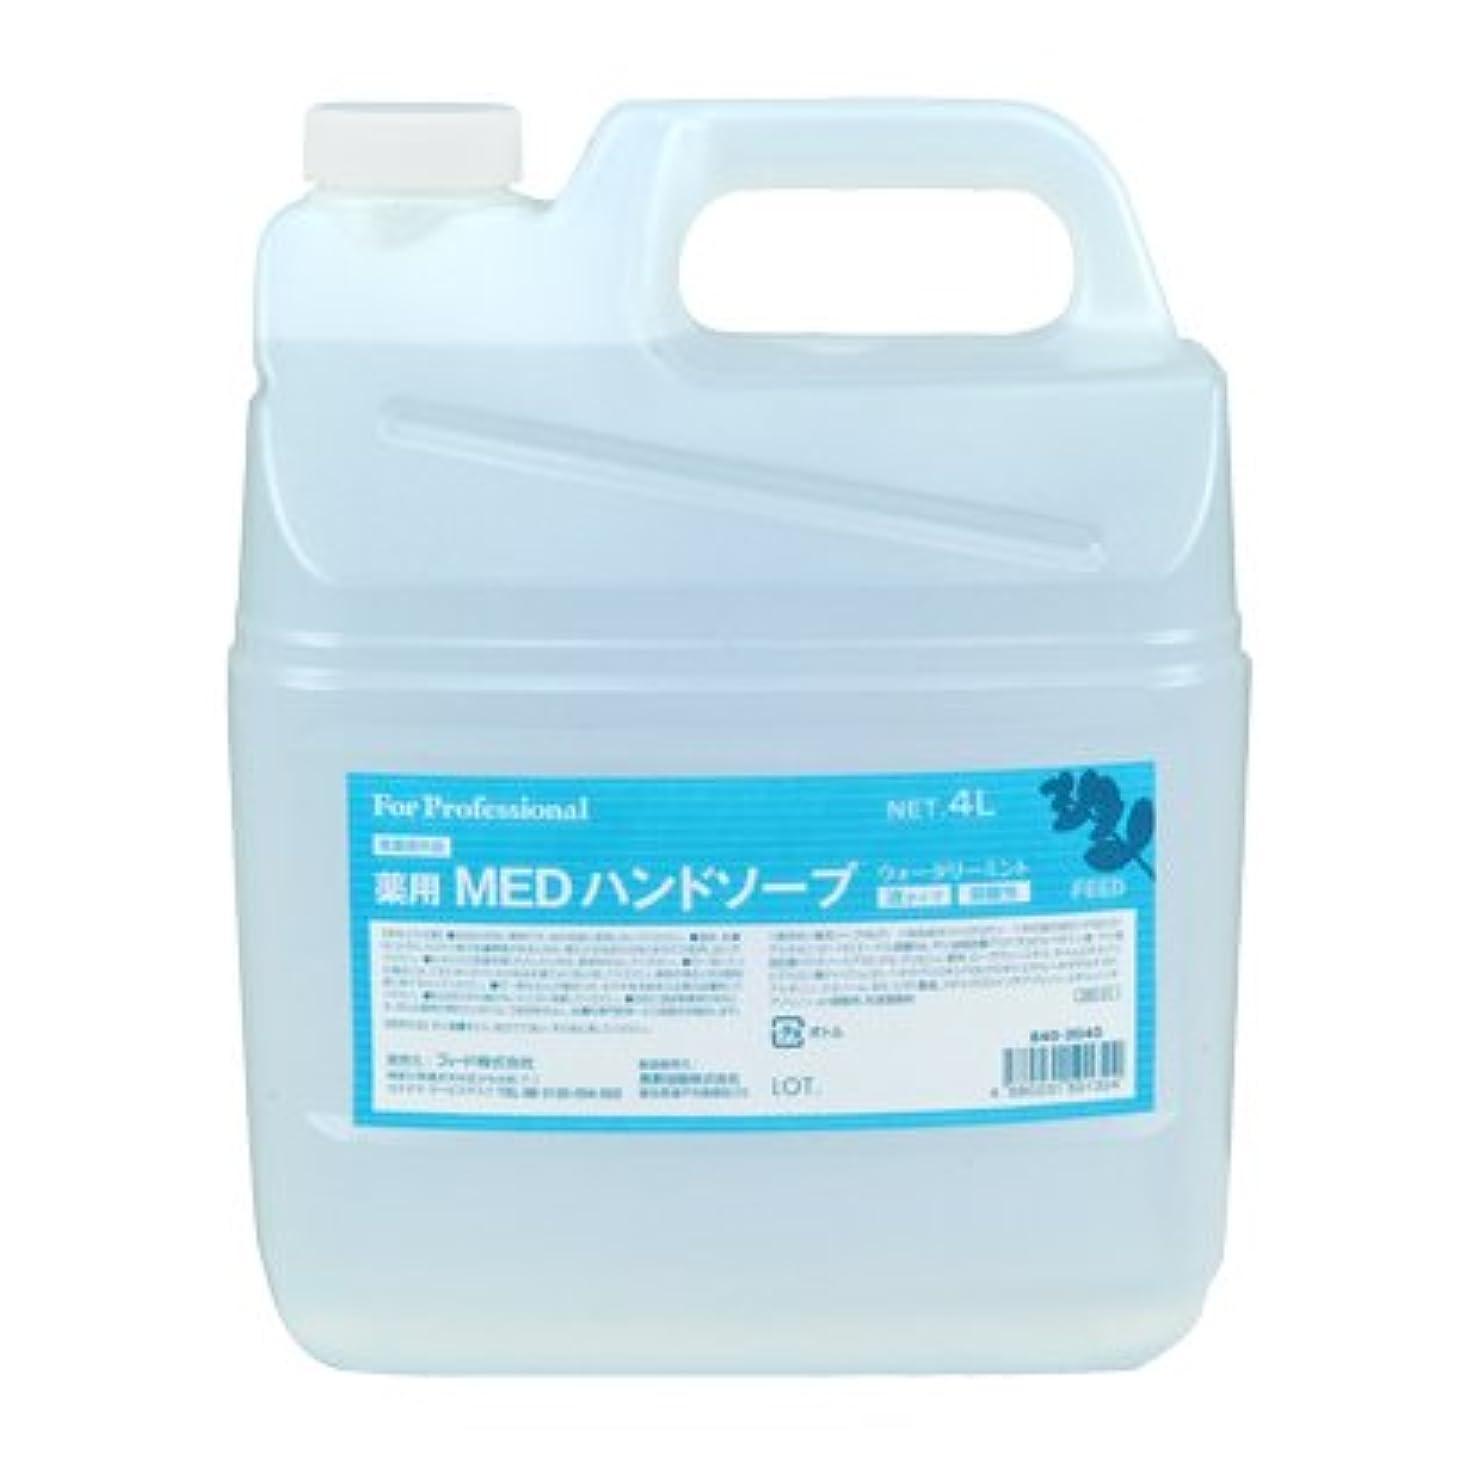 気楽な反発する嫌な【業務用】 FEED(フィード) 薬用 MEDハンドソープ 液タイプ/4L詰替用 ハンドソープ(液タイプ) 入数 1本